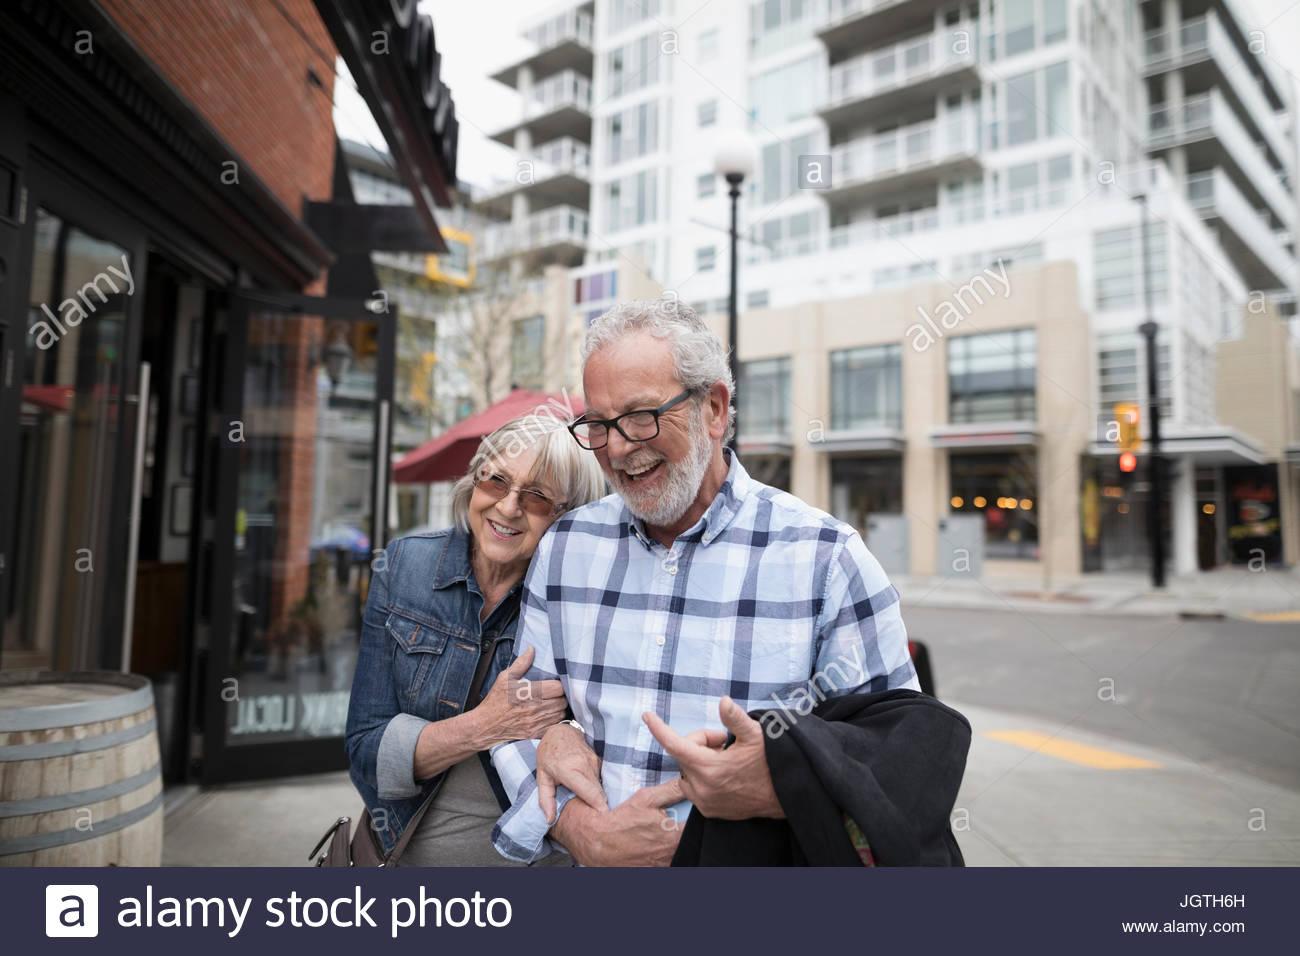 Sonriente, cariñosa pareja senior caminar sobre la acera urbana Imagen De Stock